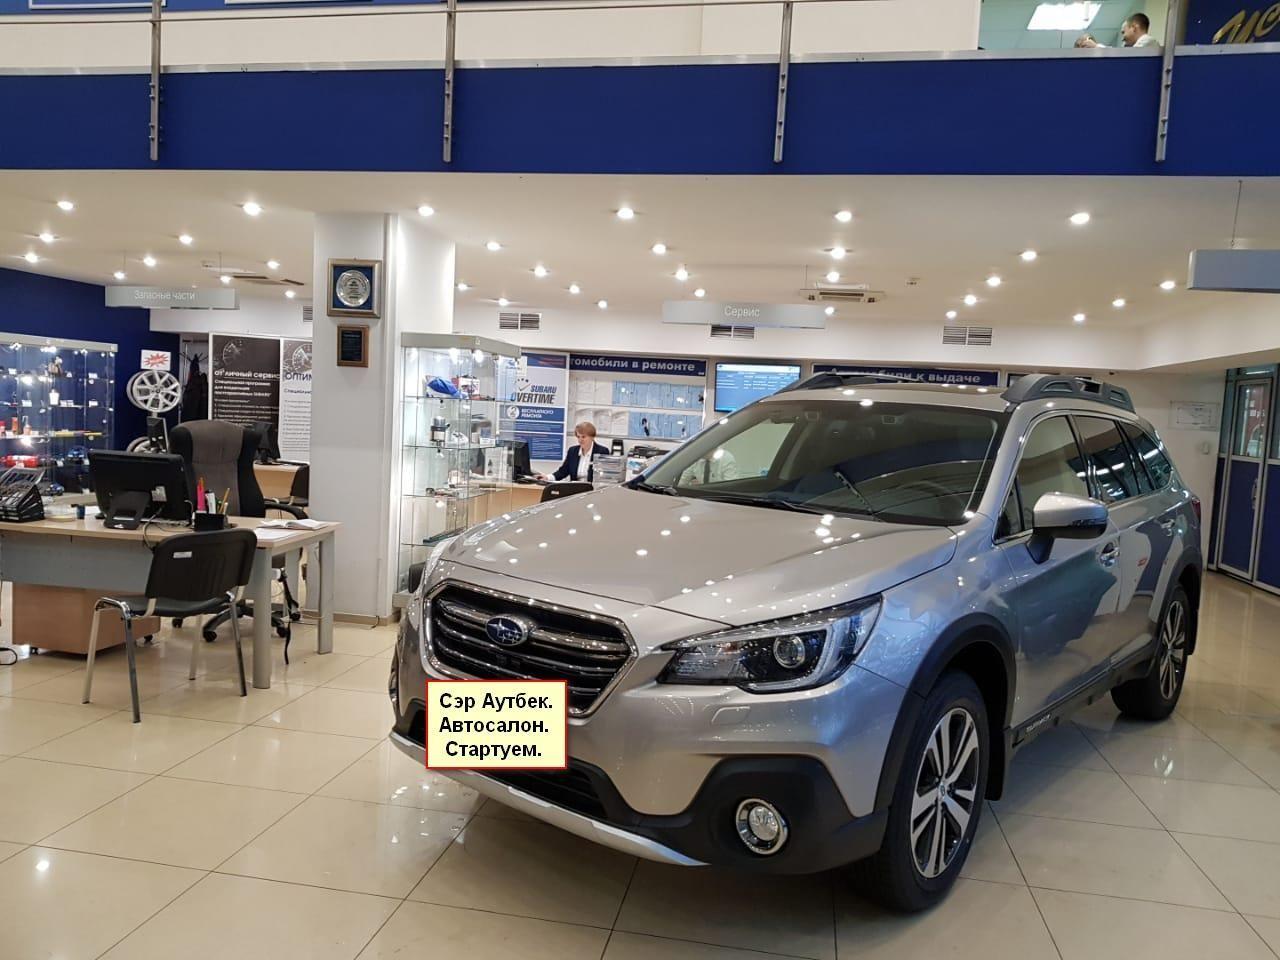 Автосалоны субару в москве отзывы залоговые автомобили сбербанка продажа